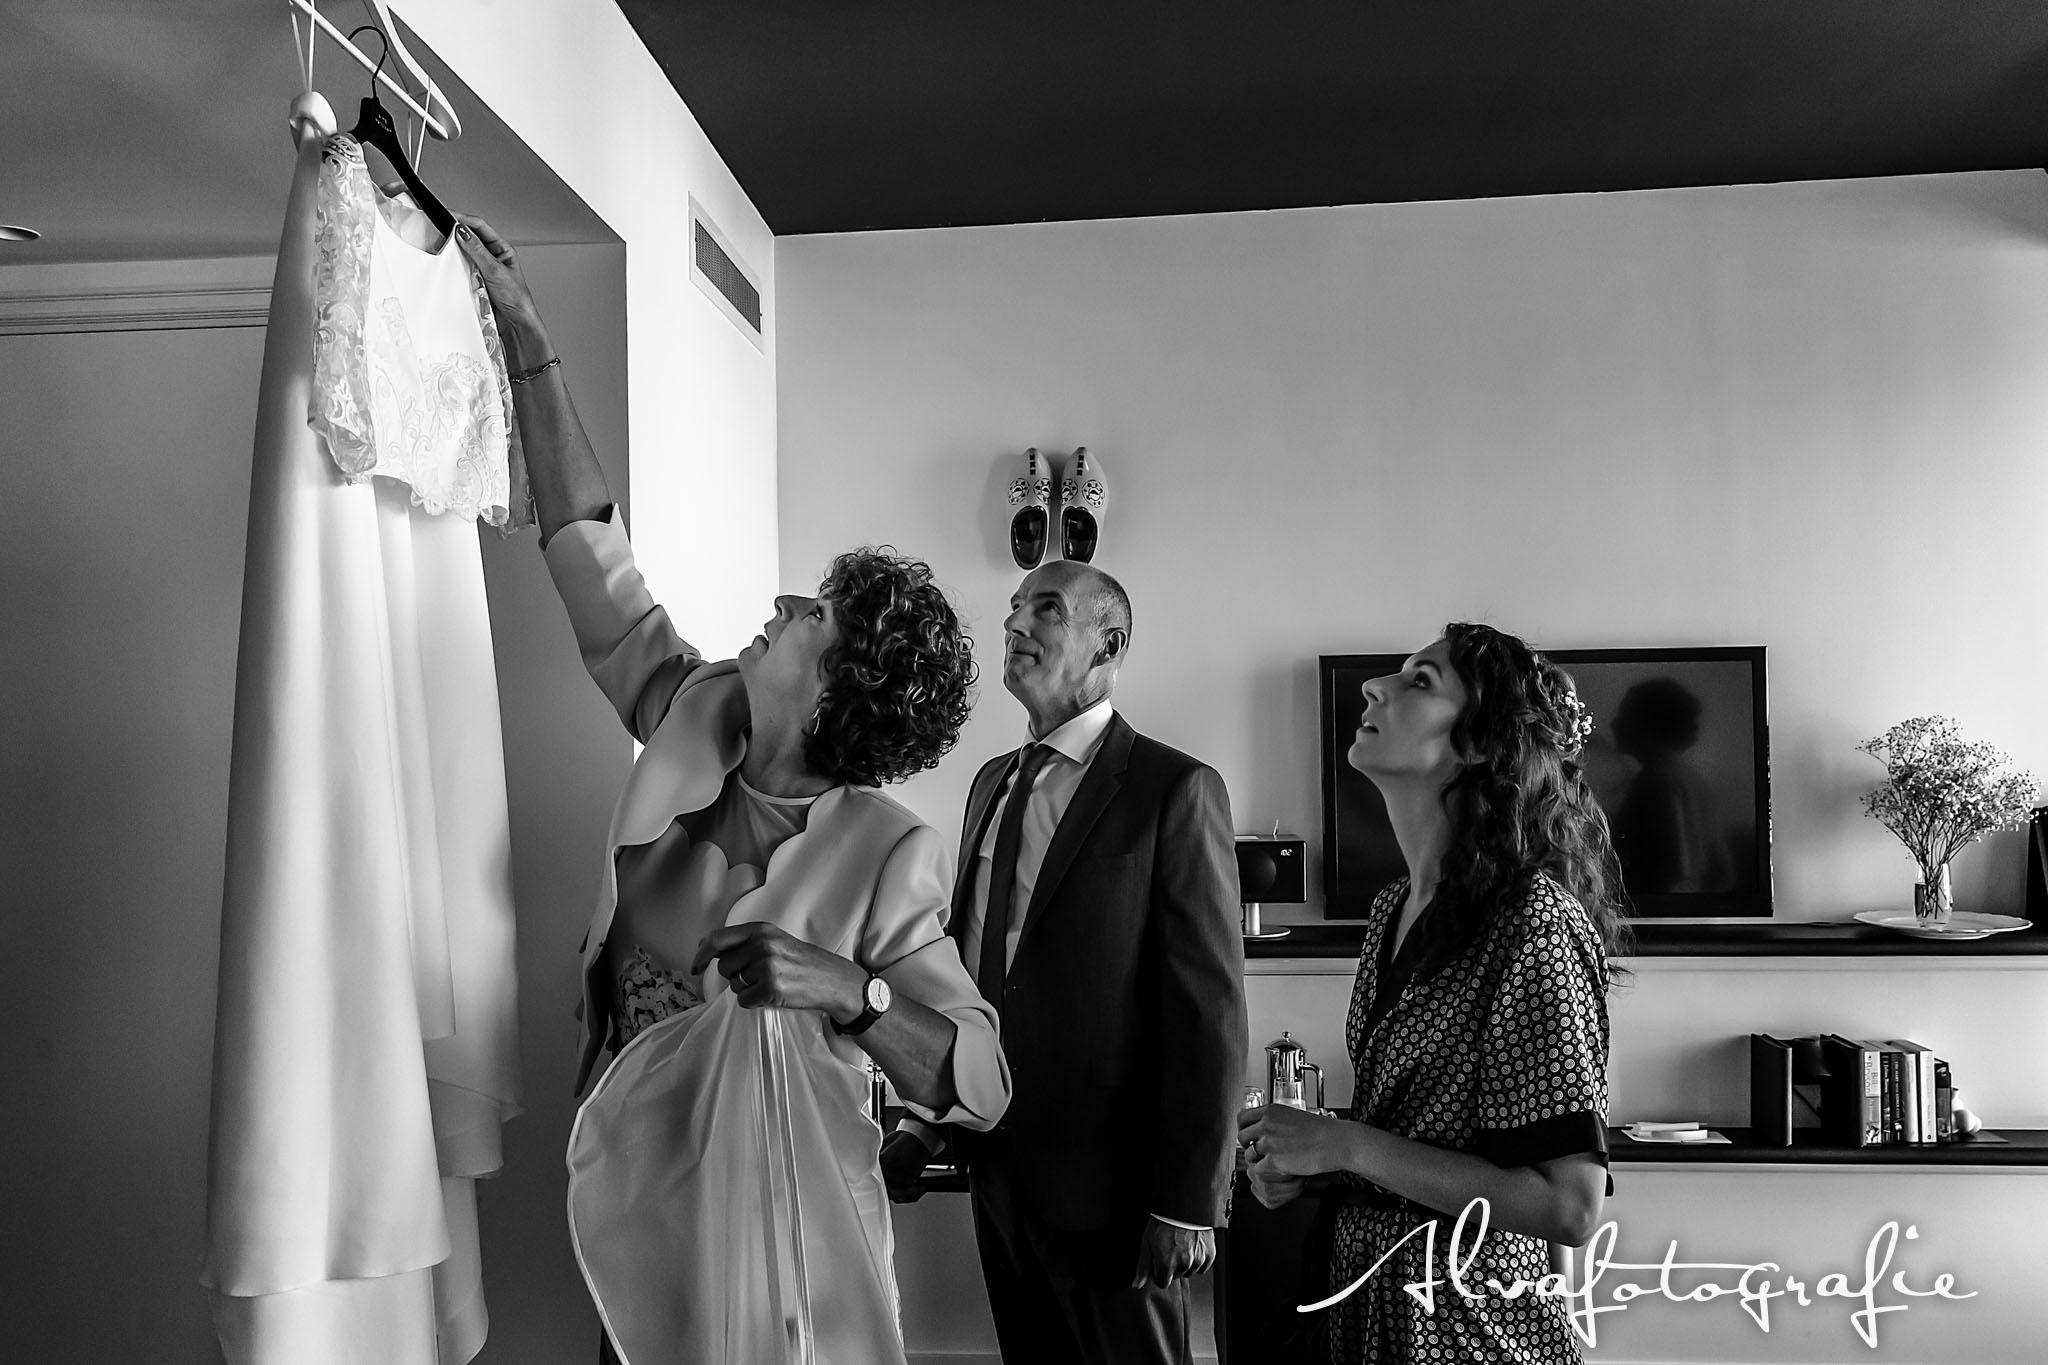 Bruiloft Maren en Tim Alvafotografie aankleedmoment bruid met ouders